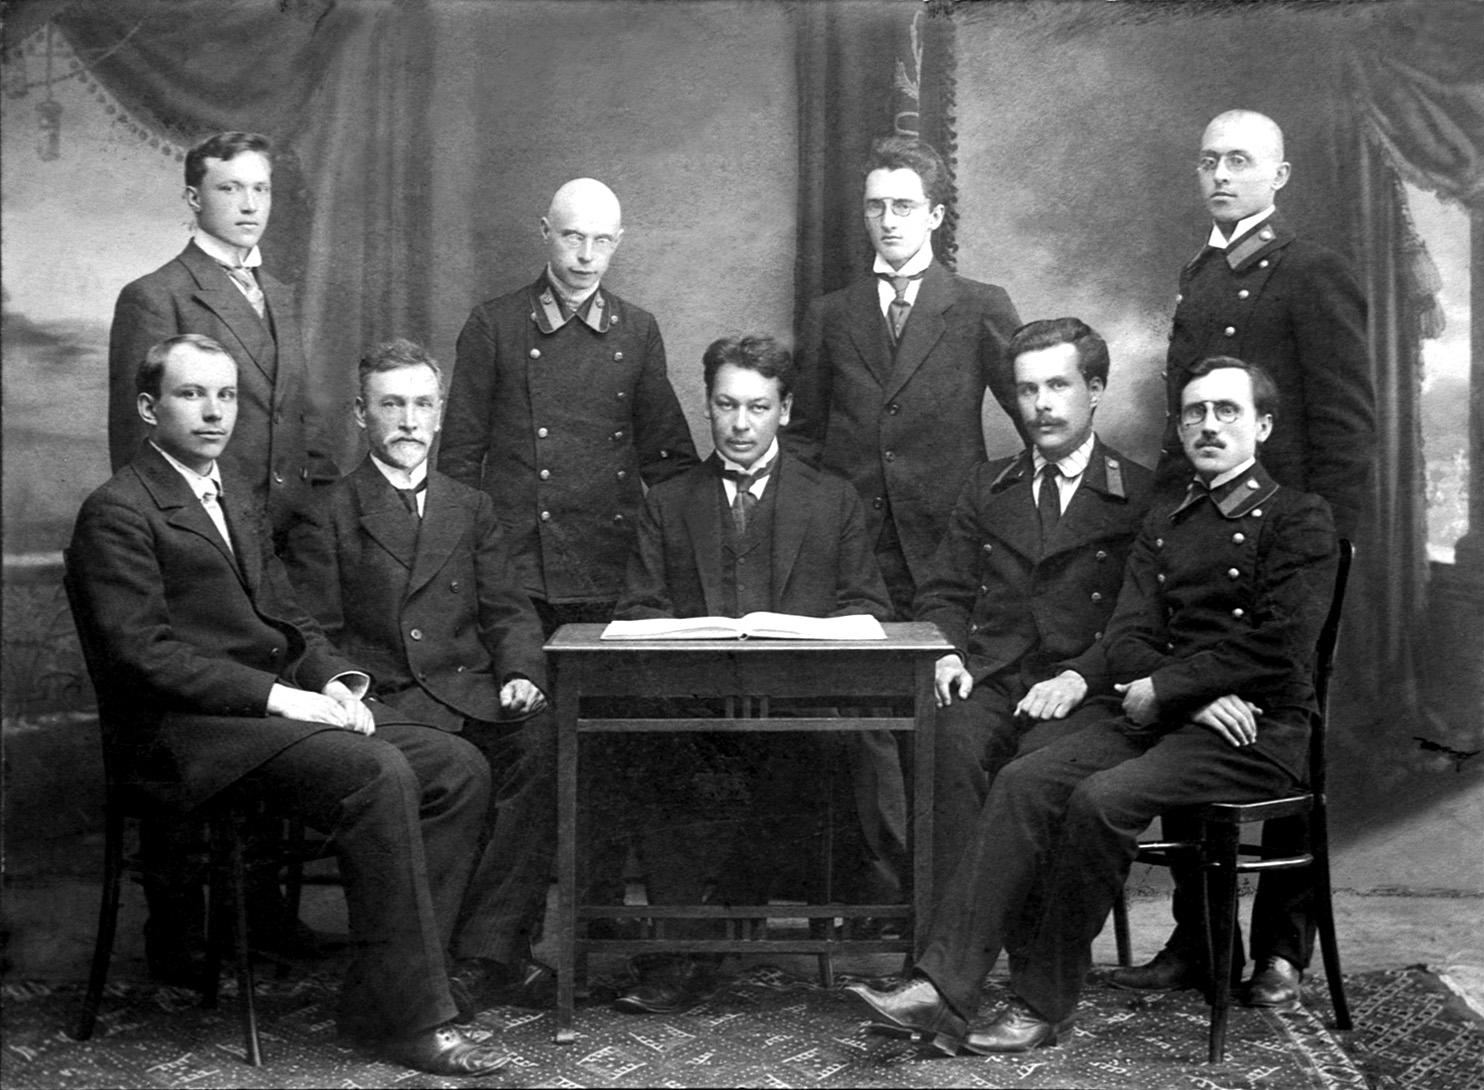 Выпуск физмата 1913г. В центре Н.Н. Парфентьев